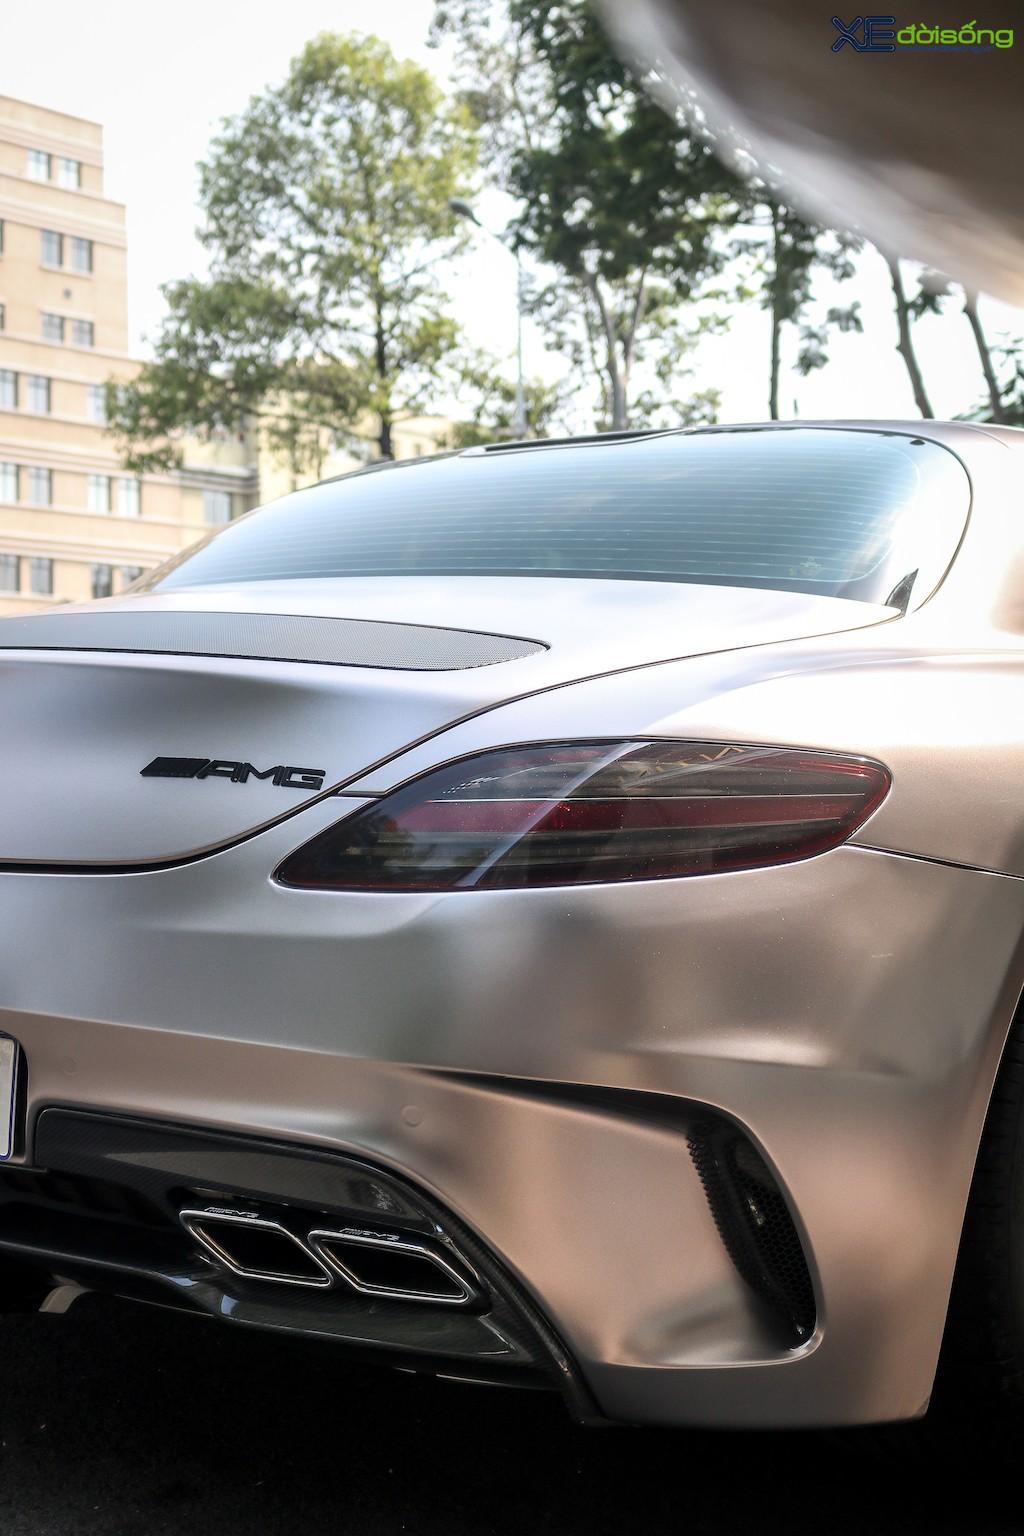 """Siêu xe """"cánh chim"""" Mercedes SLS AMG tại Sài Gòn với nhiều chi tiết mang dấu ấn cá nhân ảnh 14"""